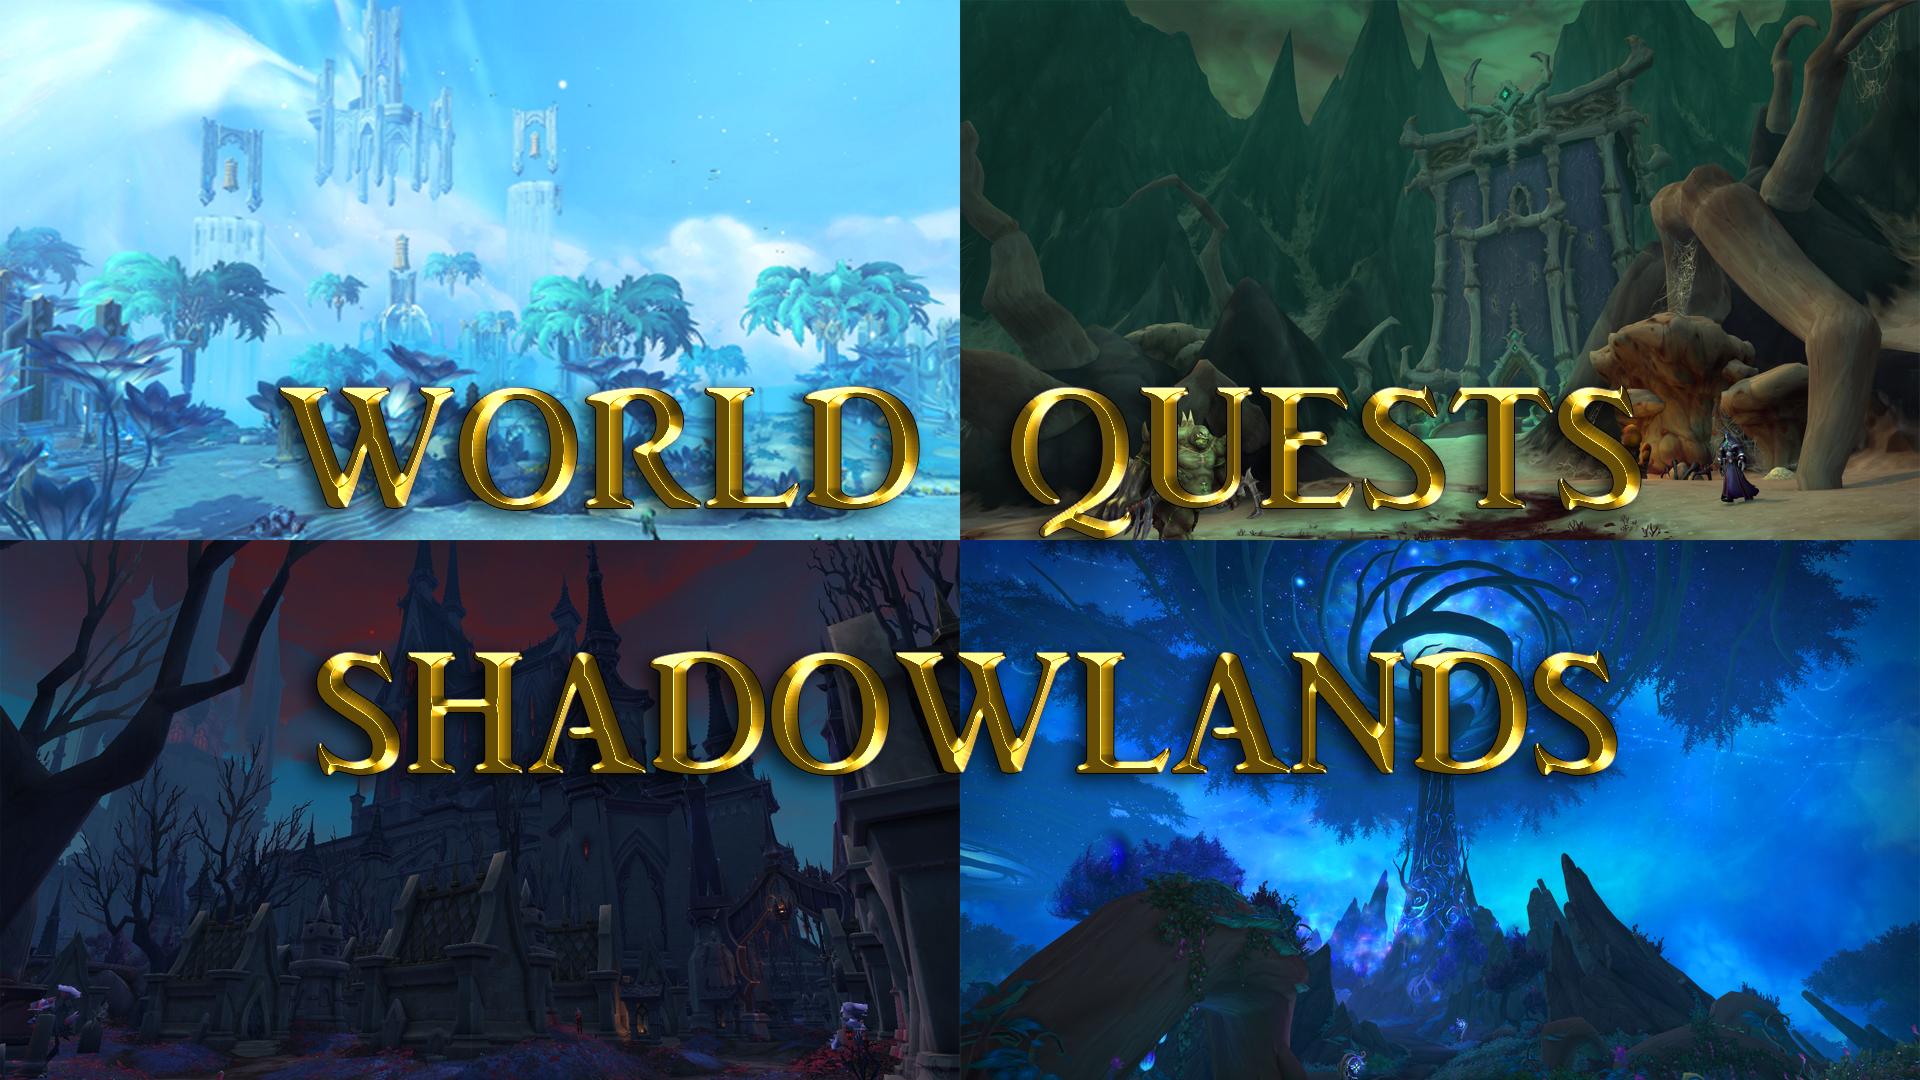 World quests Shadowlands GBD - e2p.com